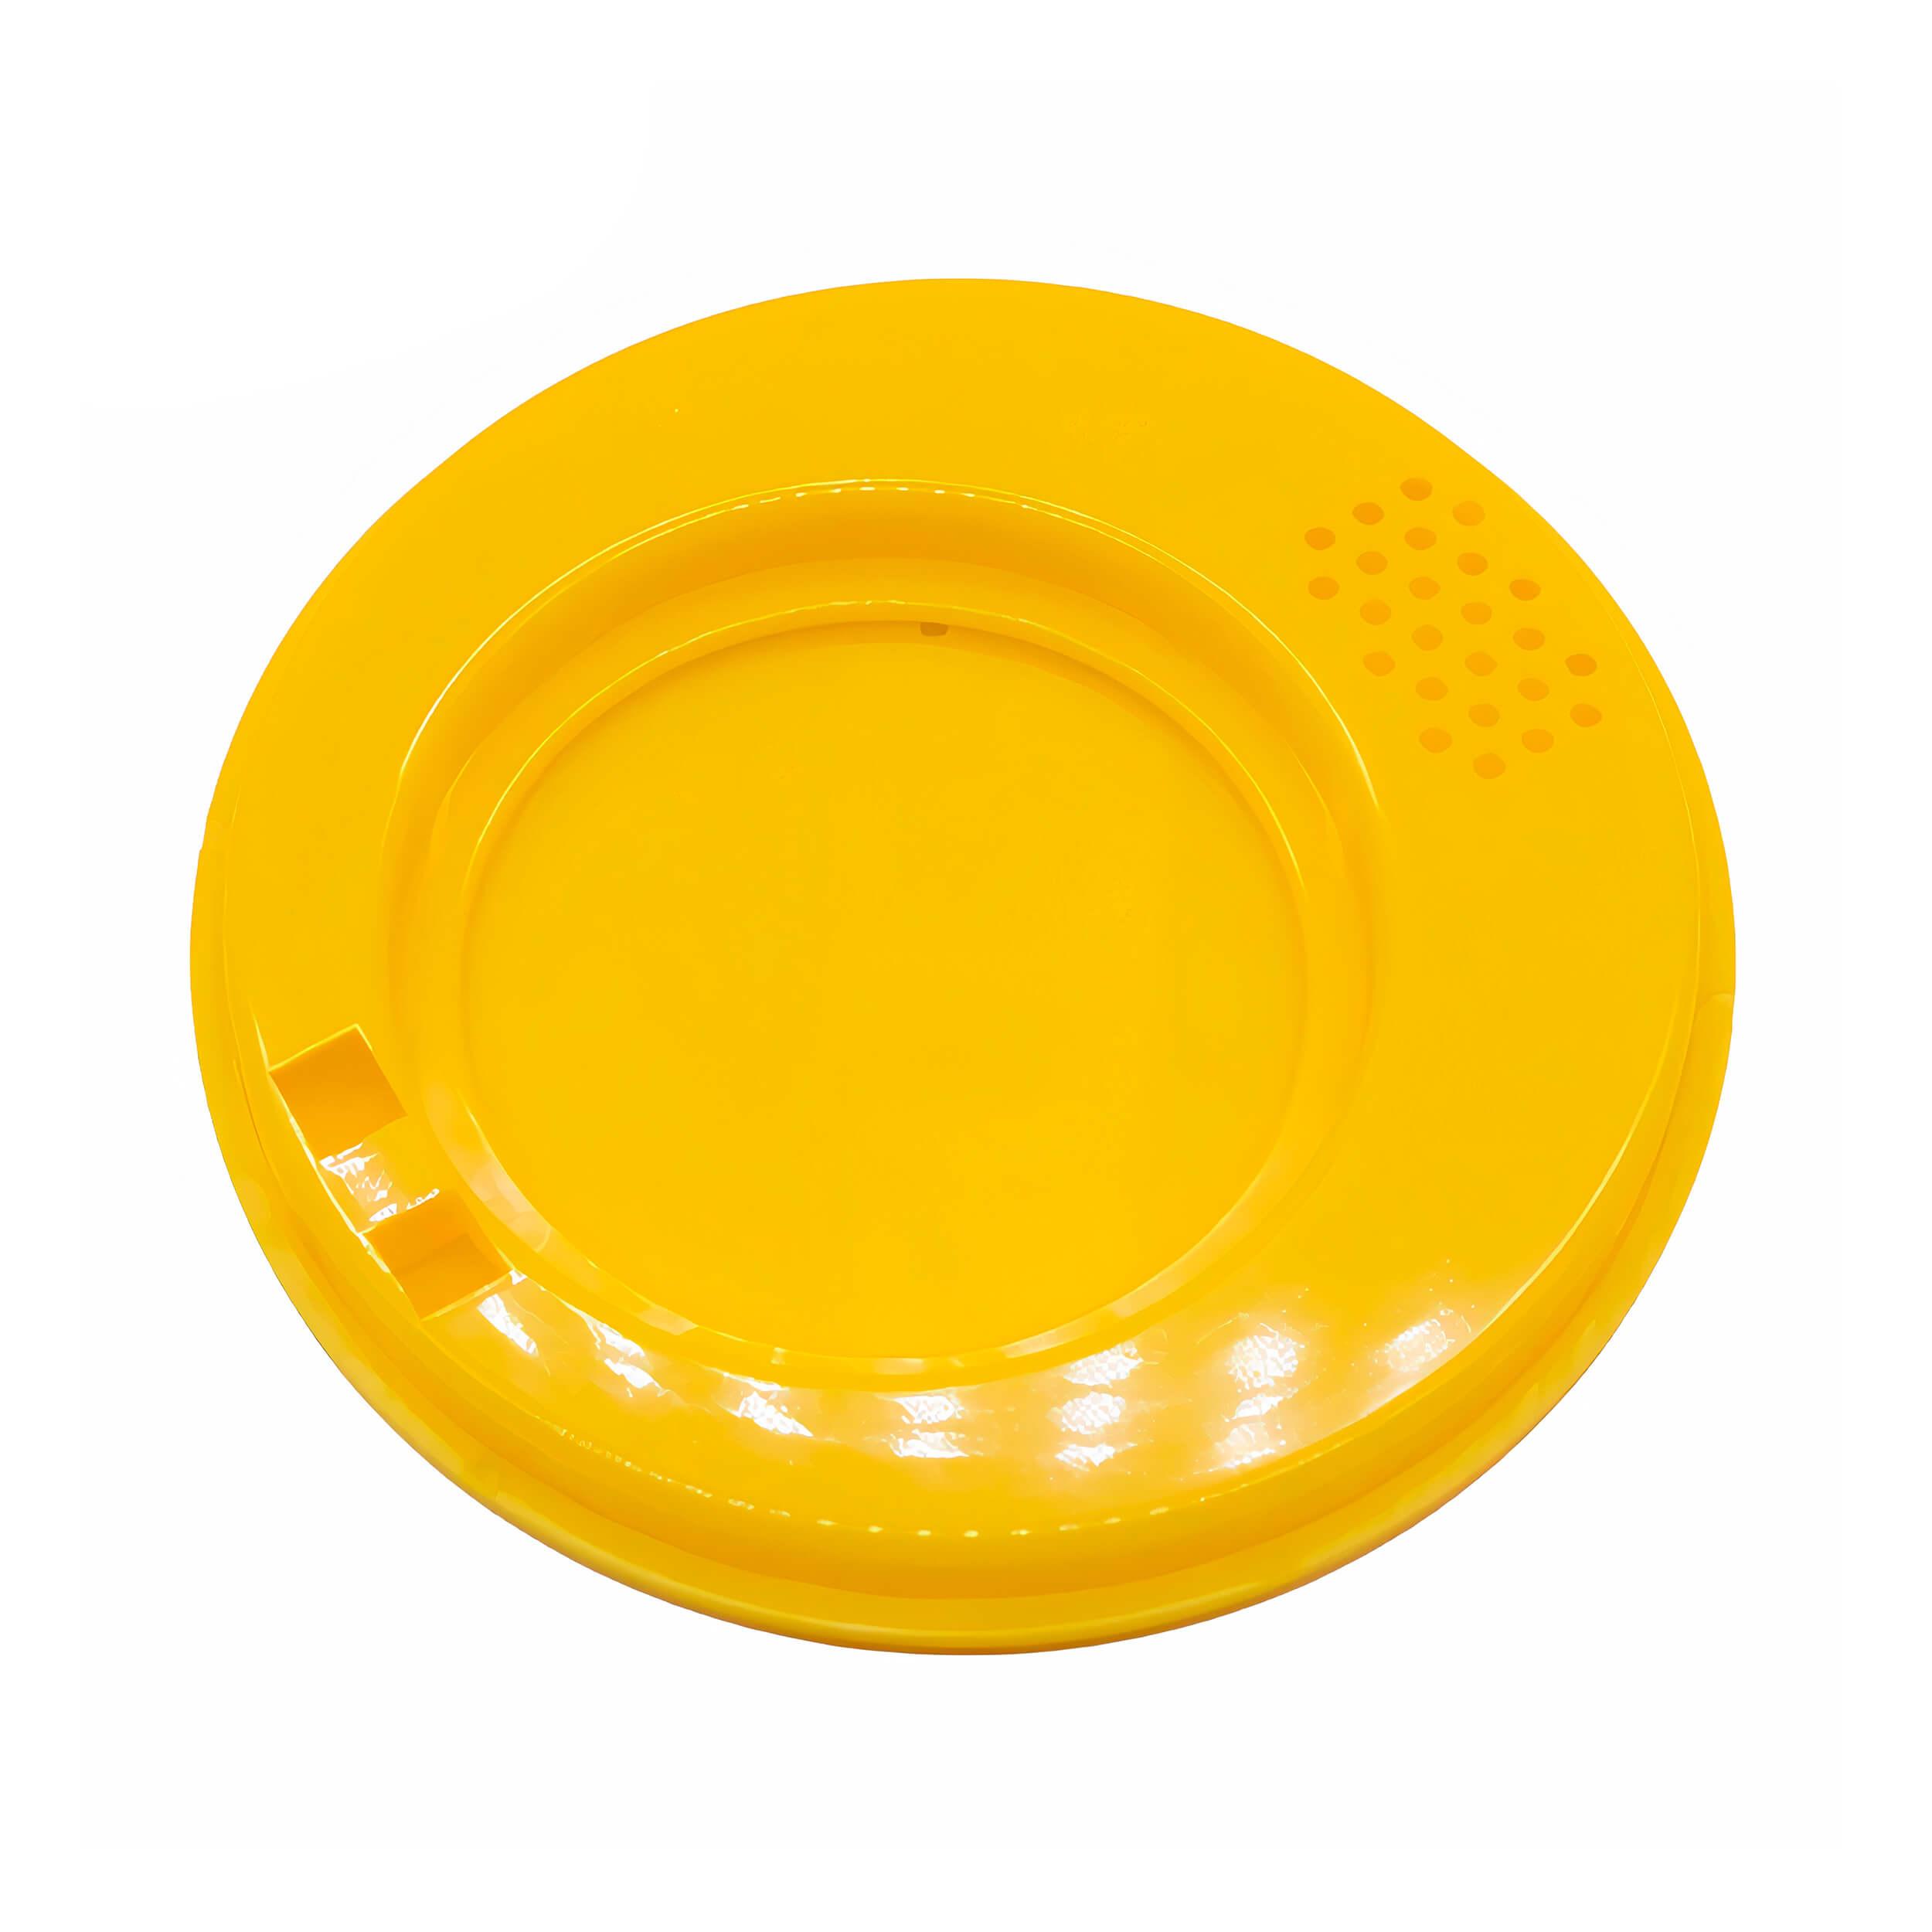 Пчелоудалитель 2-ходовой пластмассовый круглый (Польша) фото